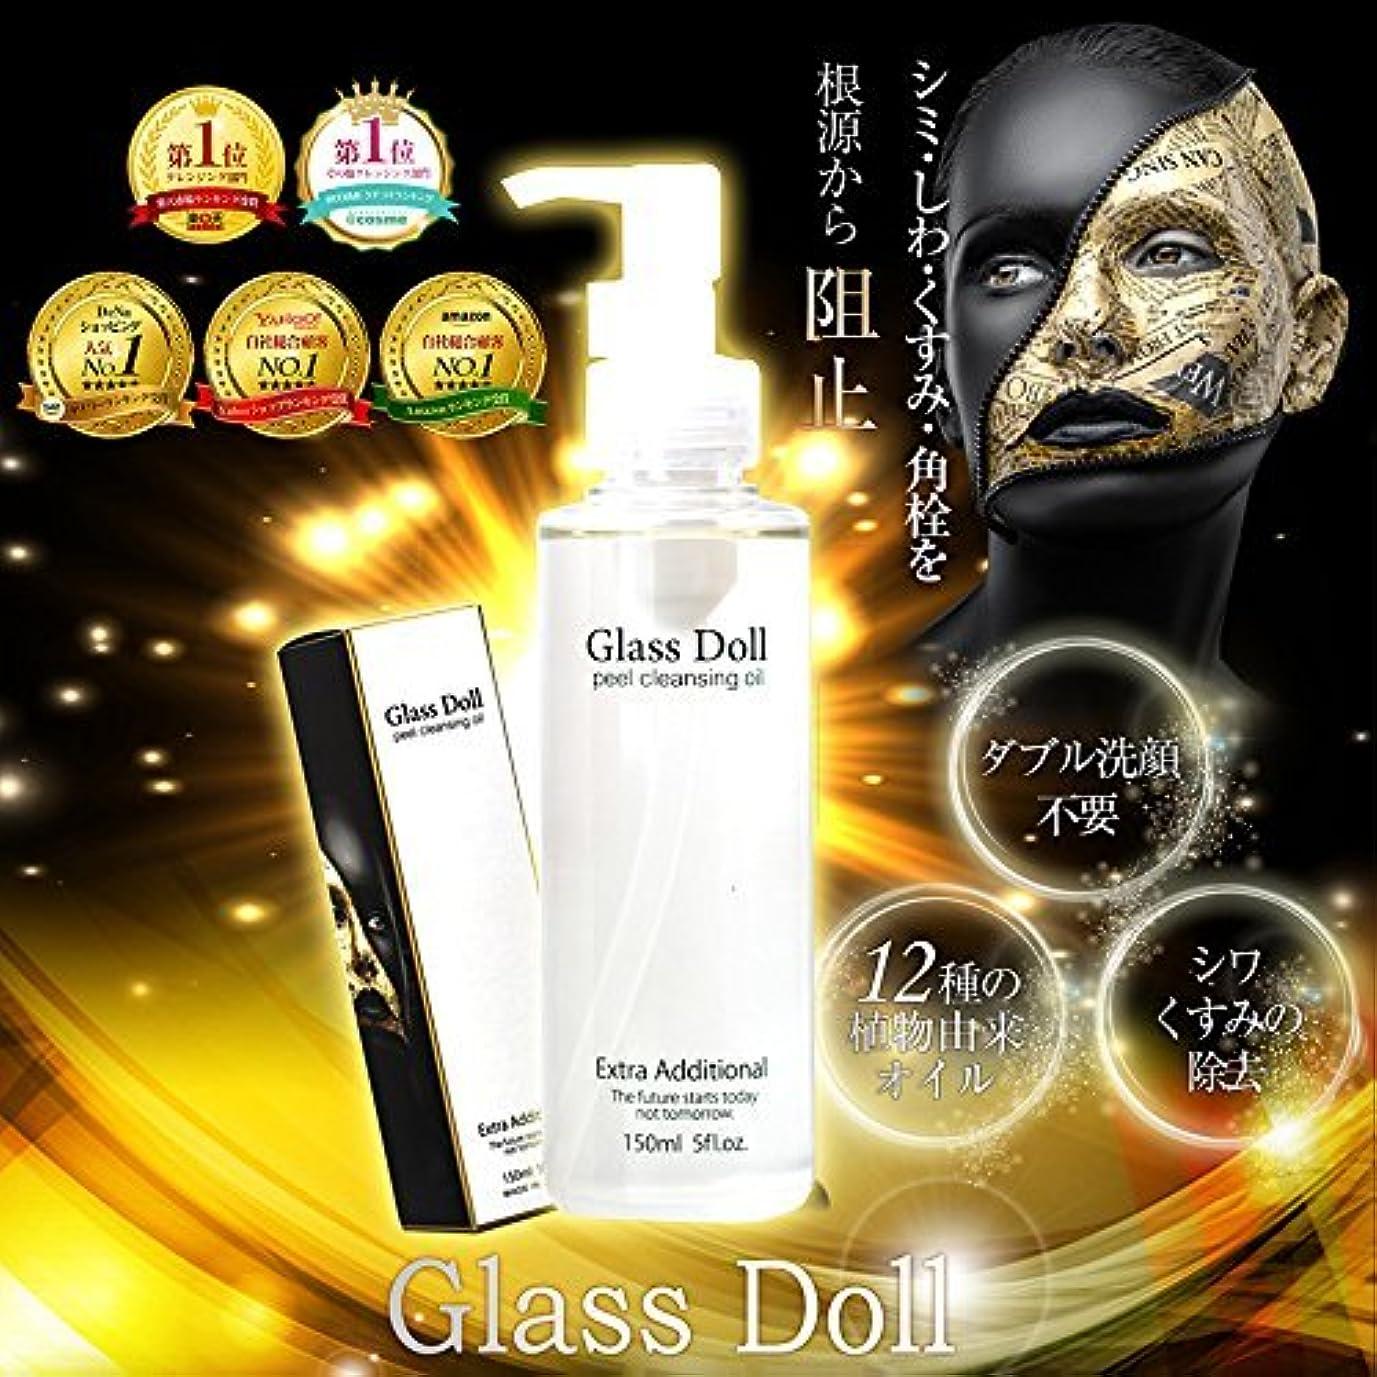 コンペ不潔心からGlass Doll Peel cleansing oil グラスドール 2個セット ピール クレンジング オイル